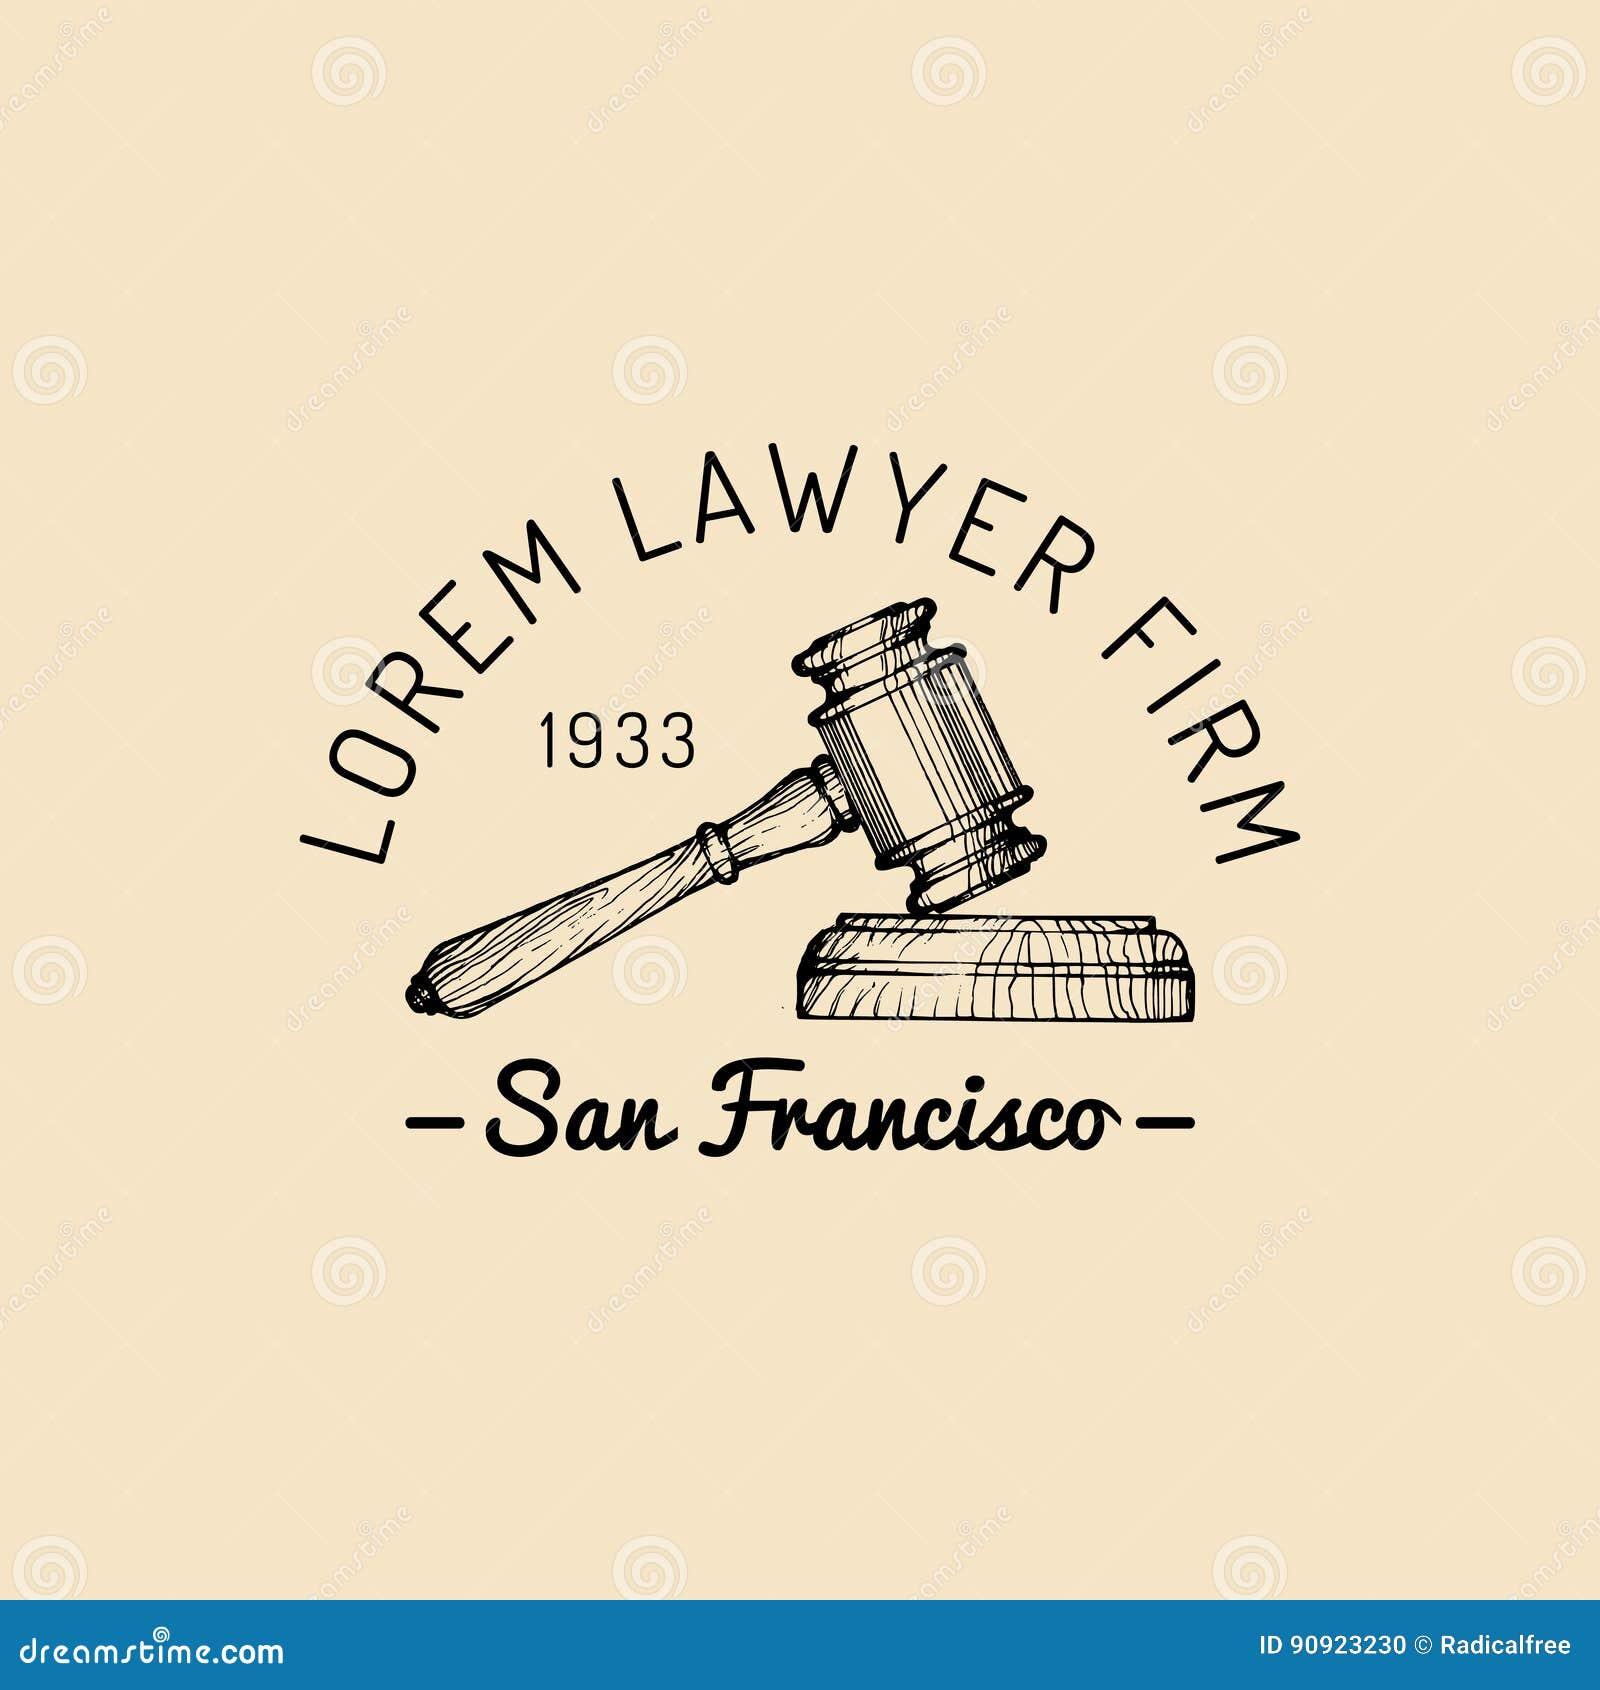 与惊堂木例证的律师事务所商标 导航葡萄酒律师,提倡者标签,法律上的牢固的徽章